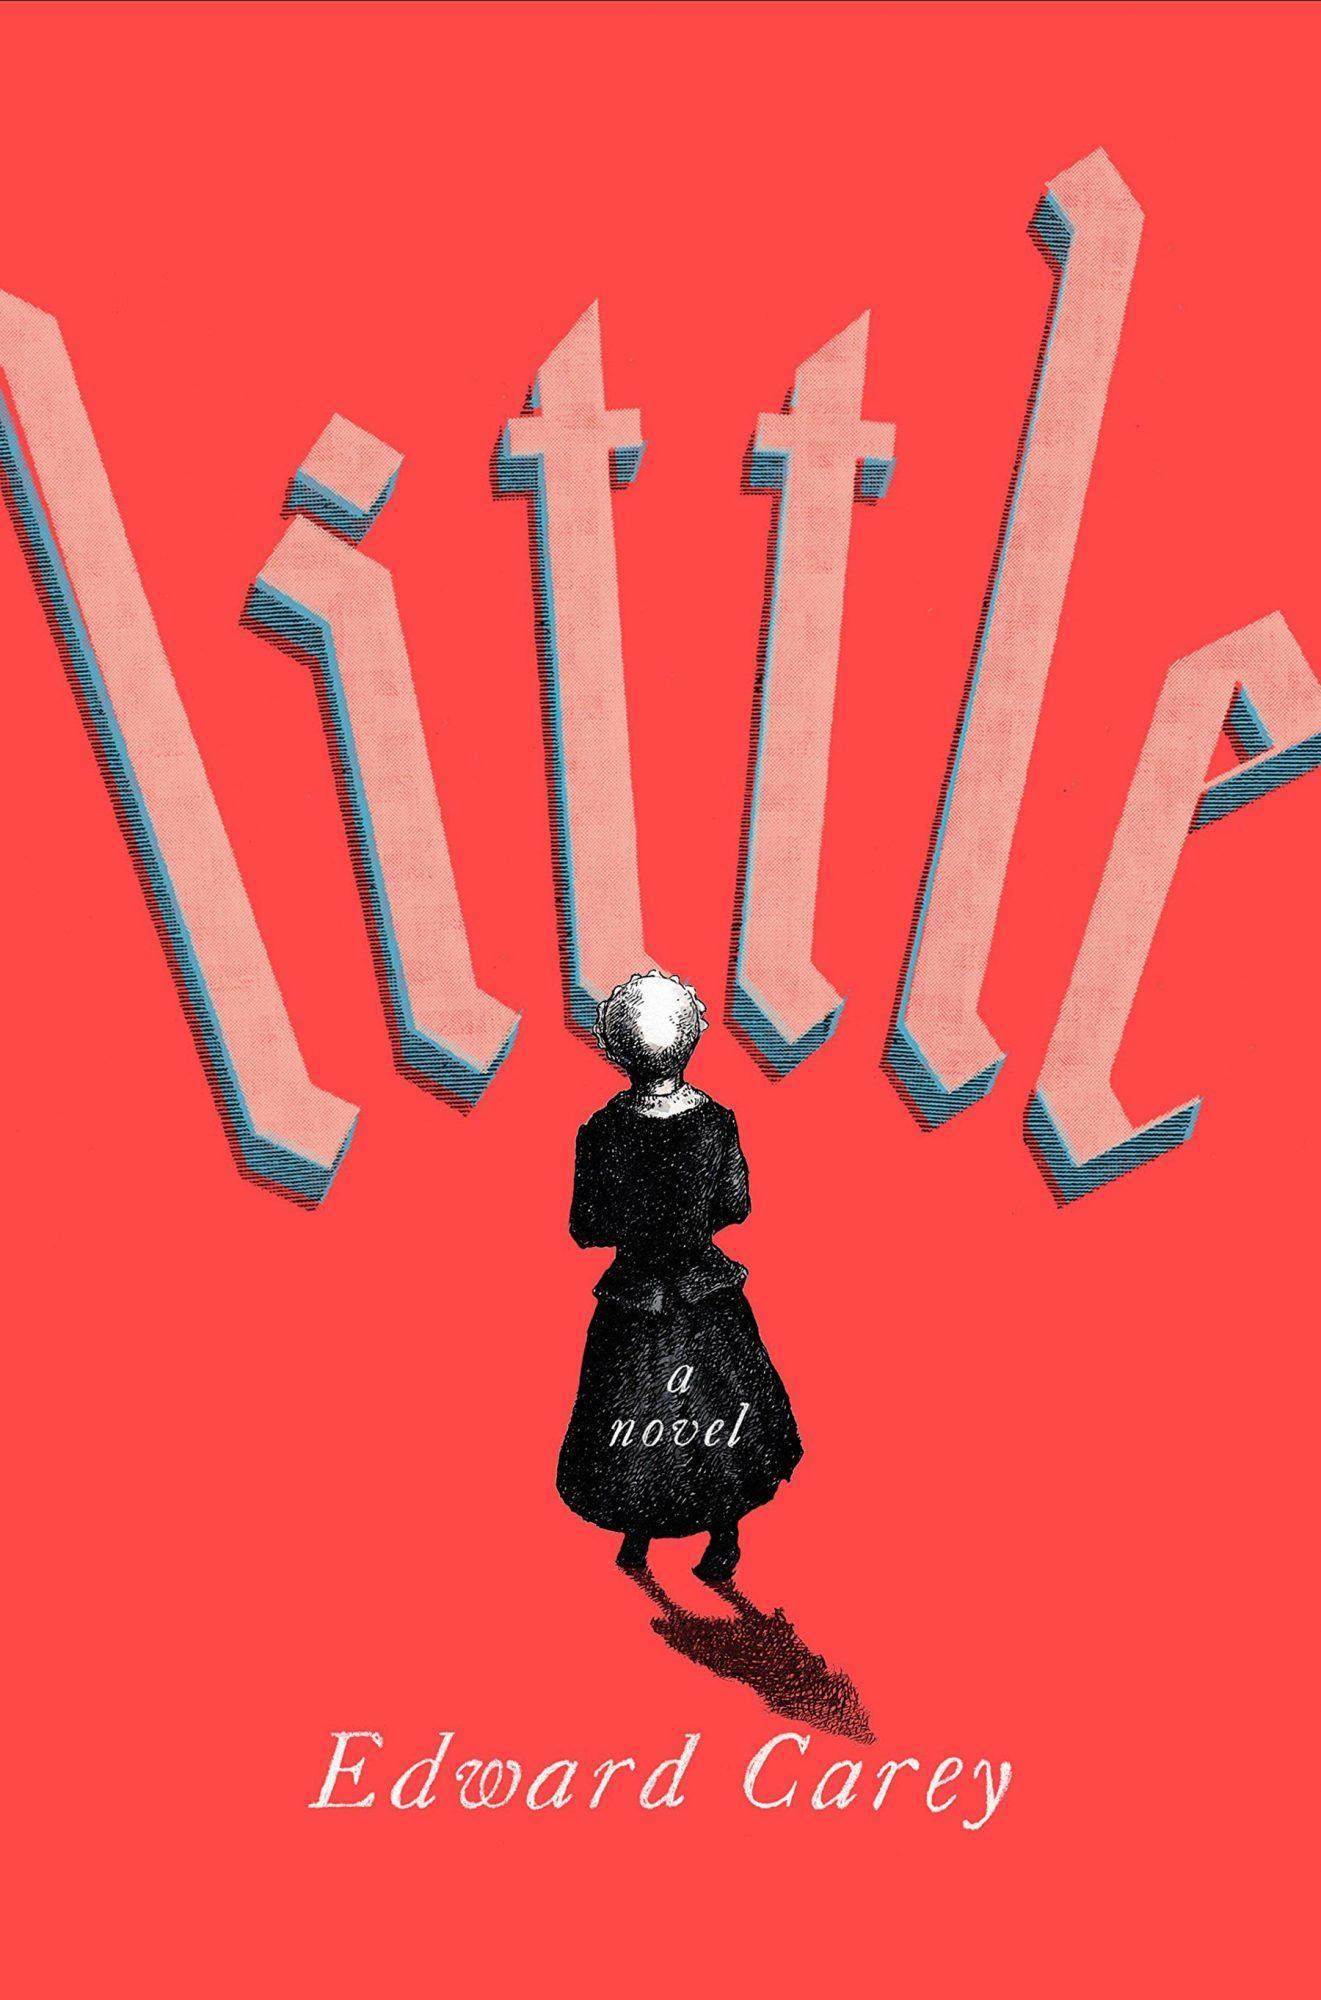 Little by Edward CareyCredit: Riverhead Books